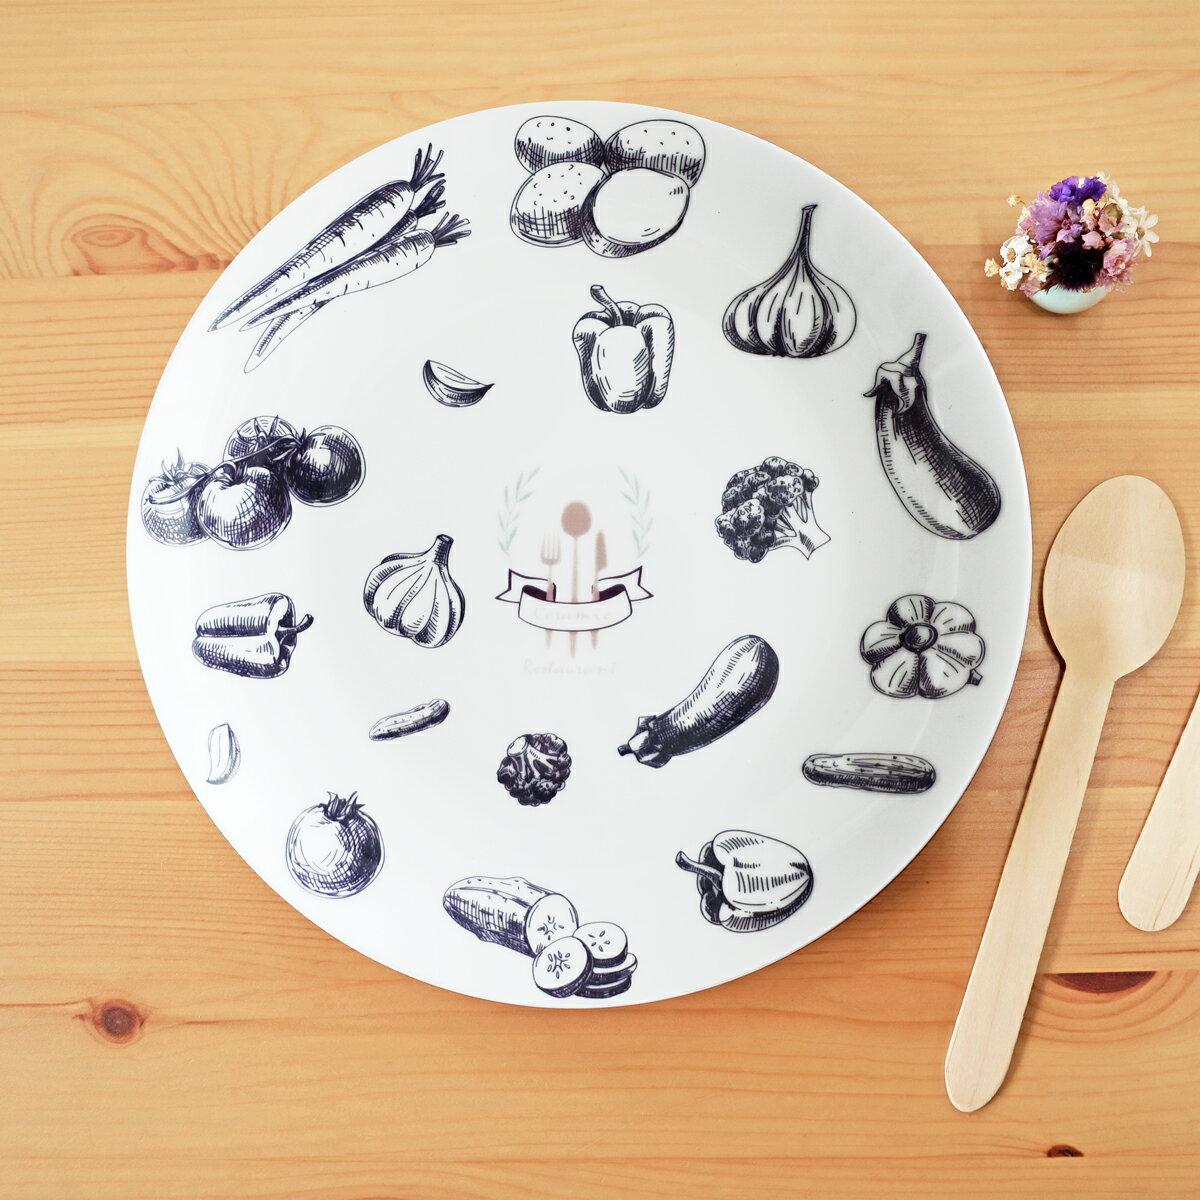 ~陶緣彩瓷~豐富食材廳盤~8吋骨瓷盤   可微波   安全   歐風餐具   餐具訂製